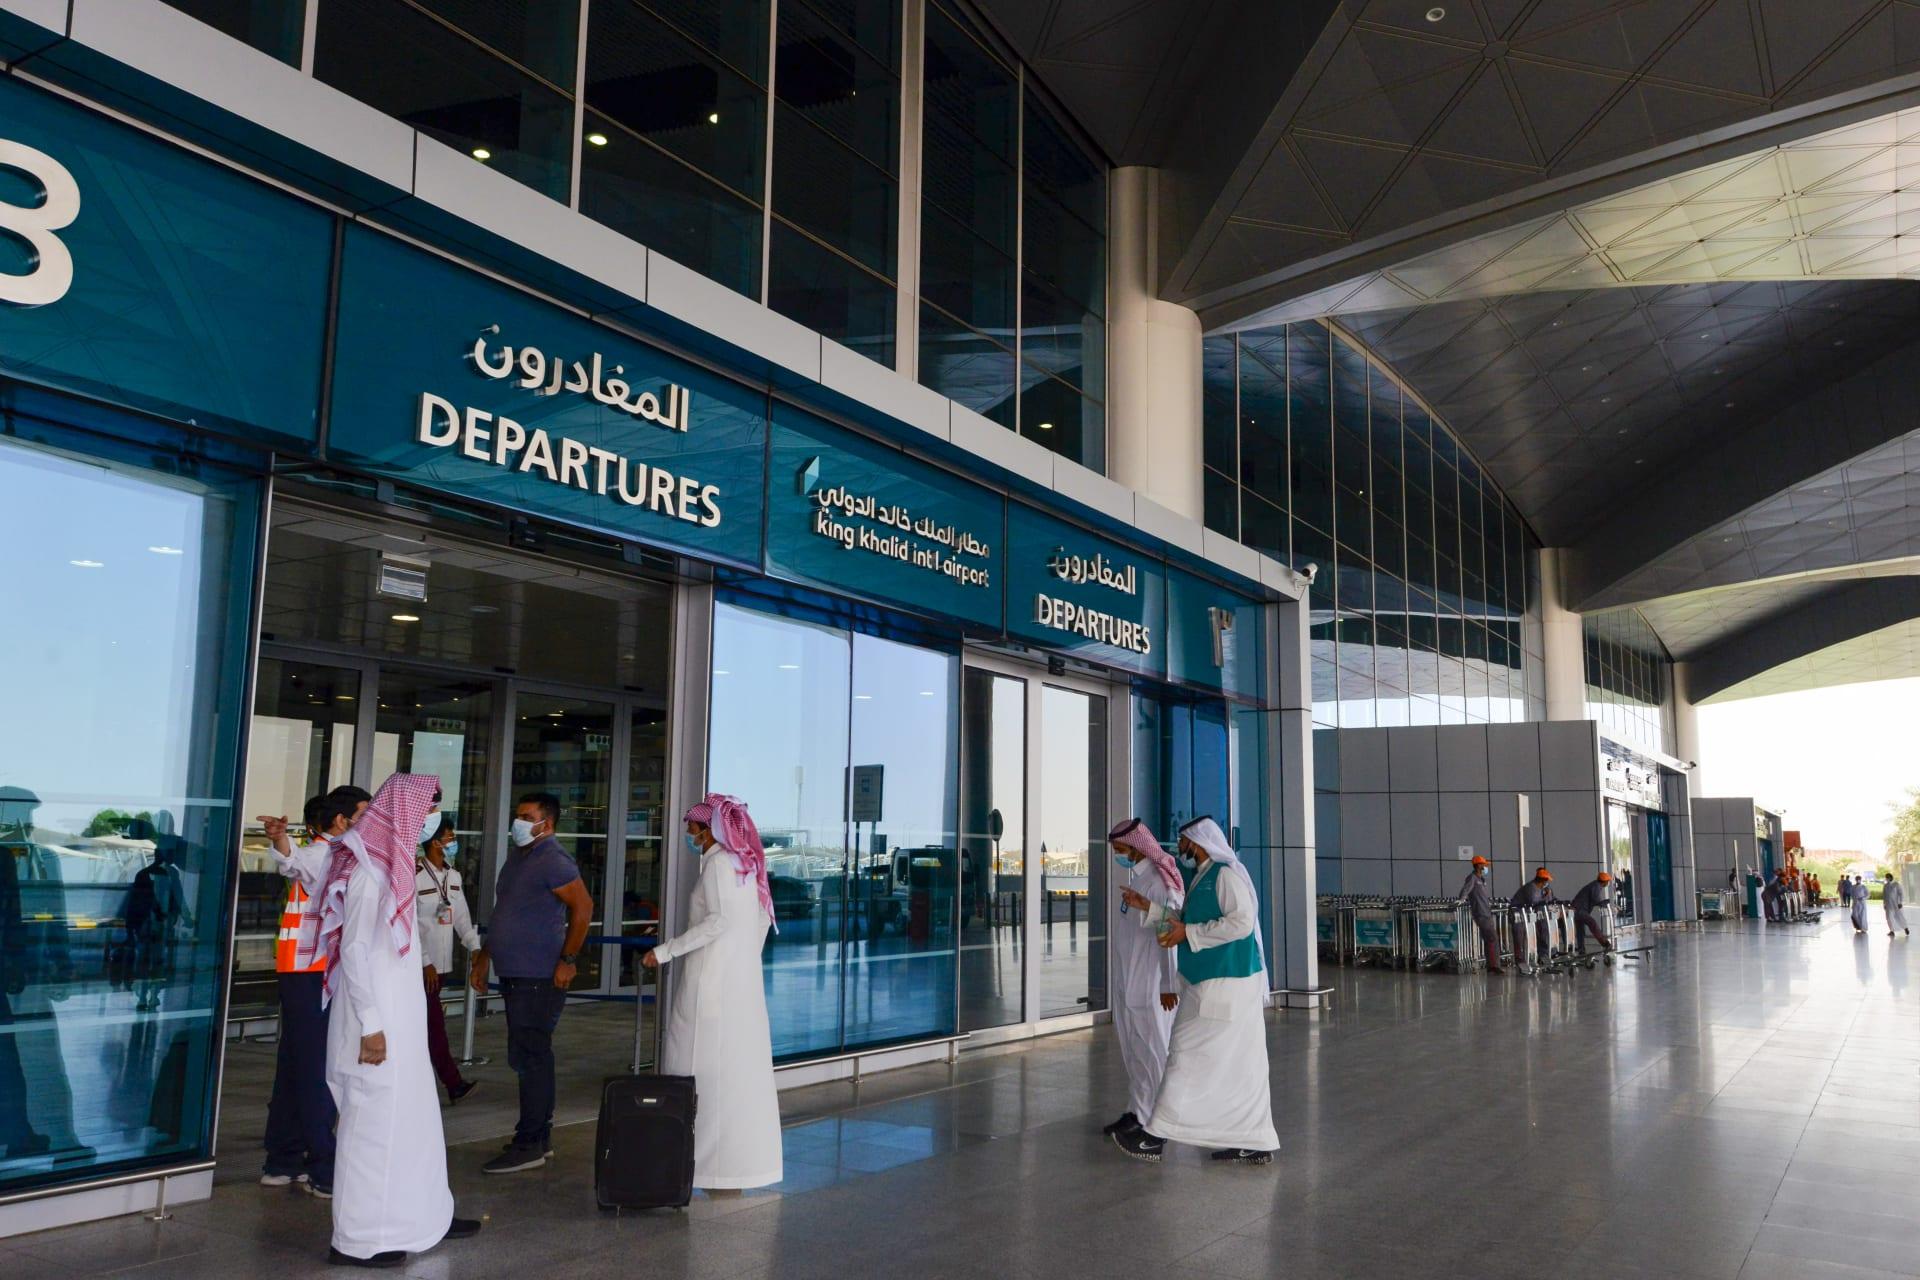 السعودية تسمح بسفر مواطنيها للخارجاعتباراً من 17 مايو..وتحدد هذه الفئات